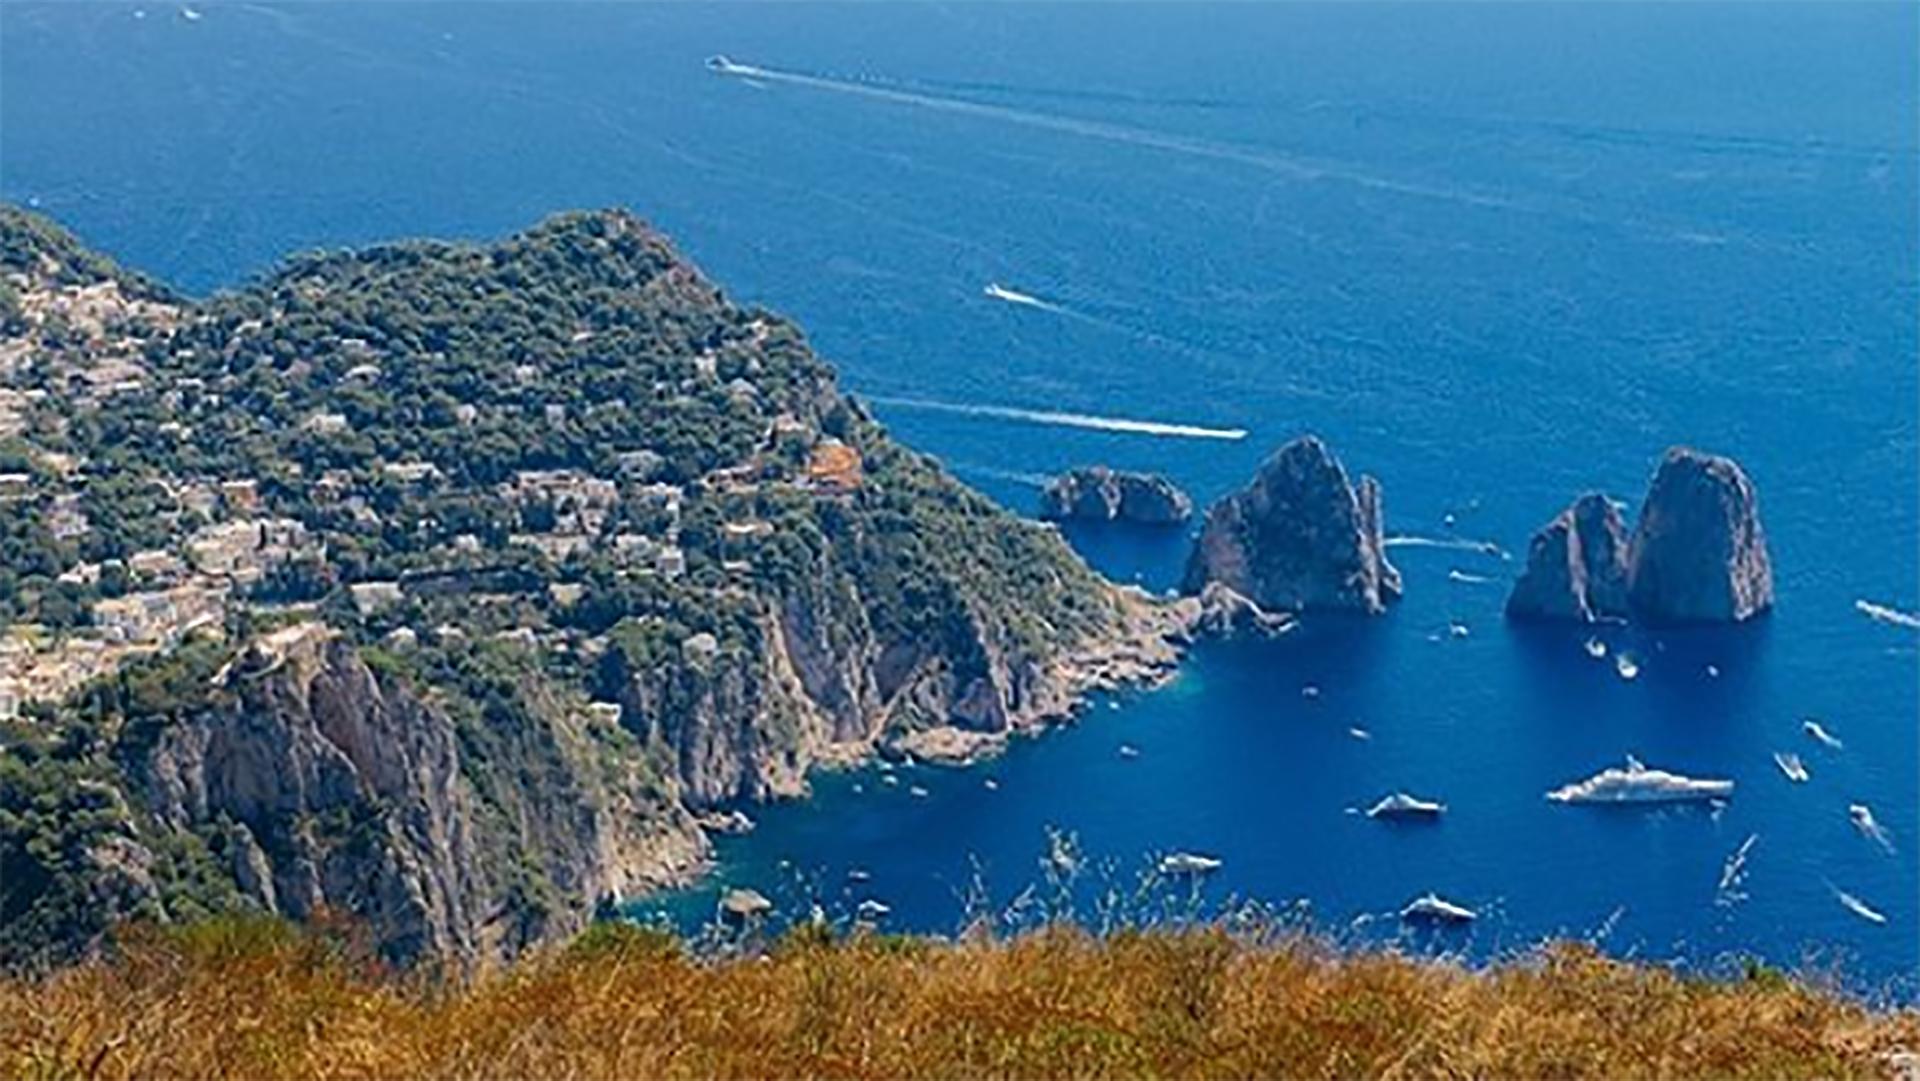 La isla de Capri cuenta con dos millones de visitantes anuales(@shostikira)